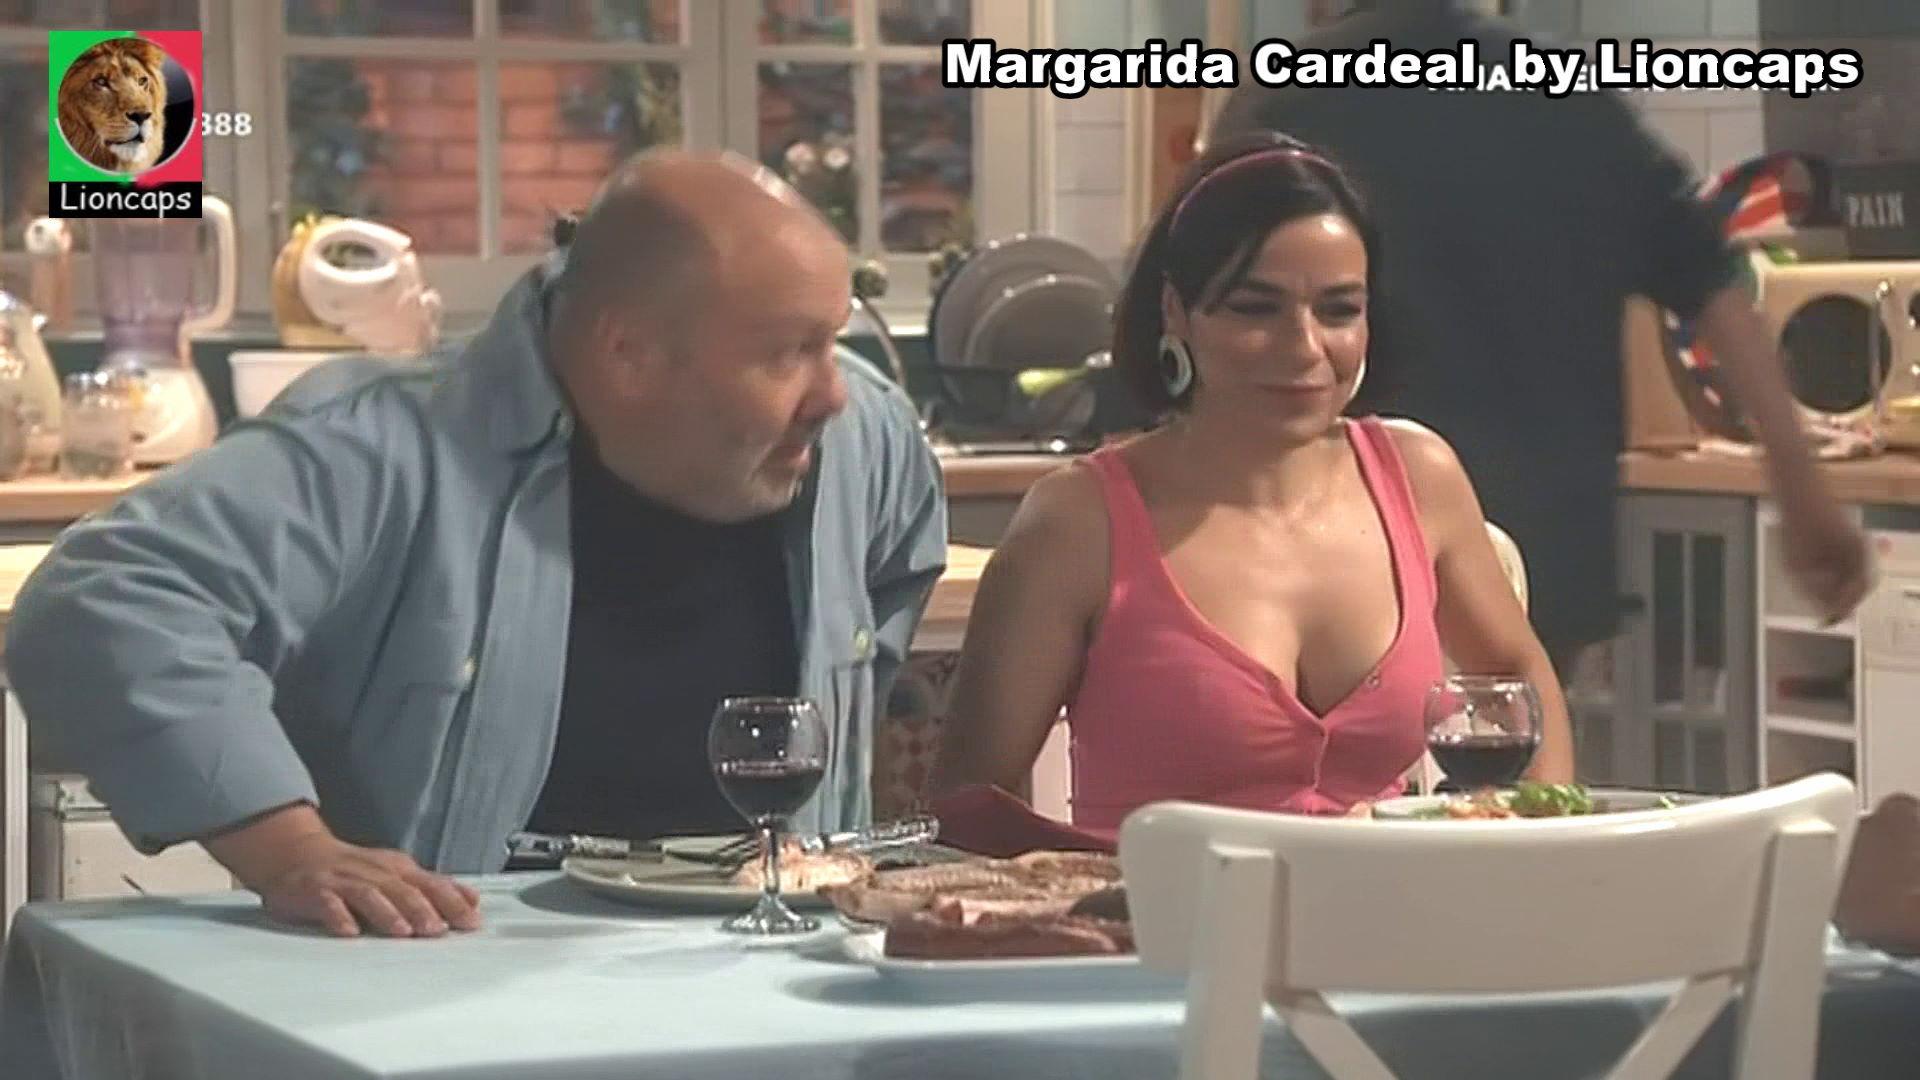 margarida_cardeal_vs200421-077 (2).JPG